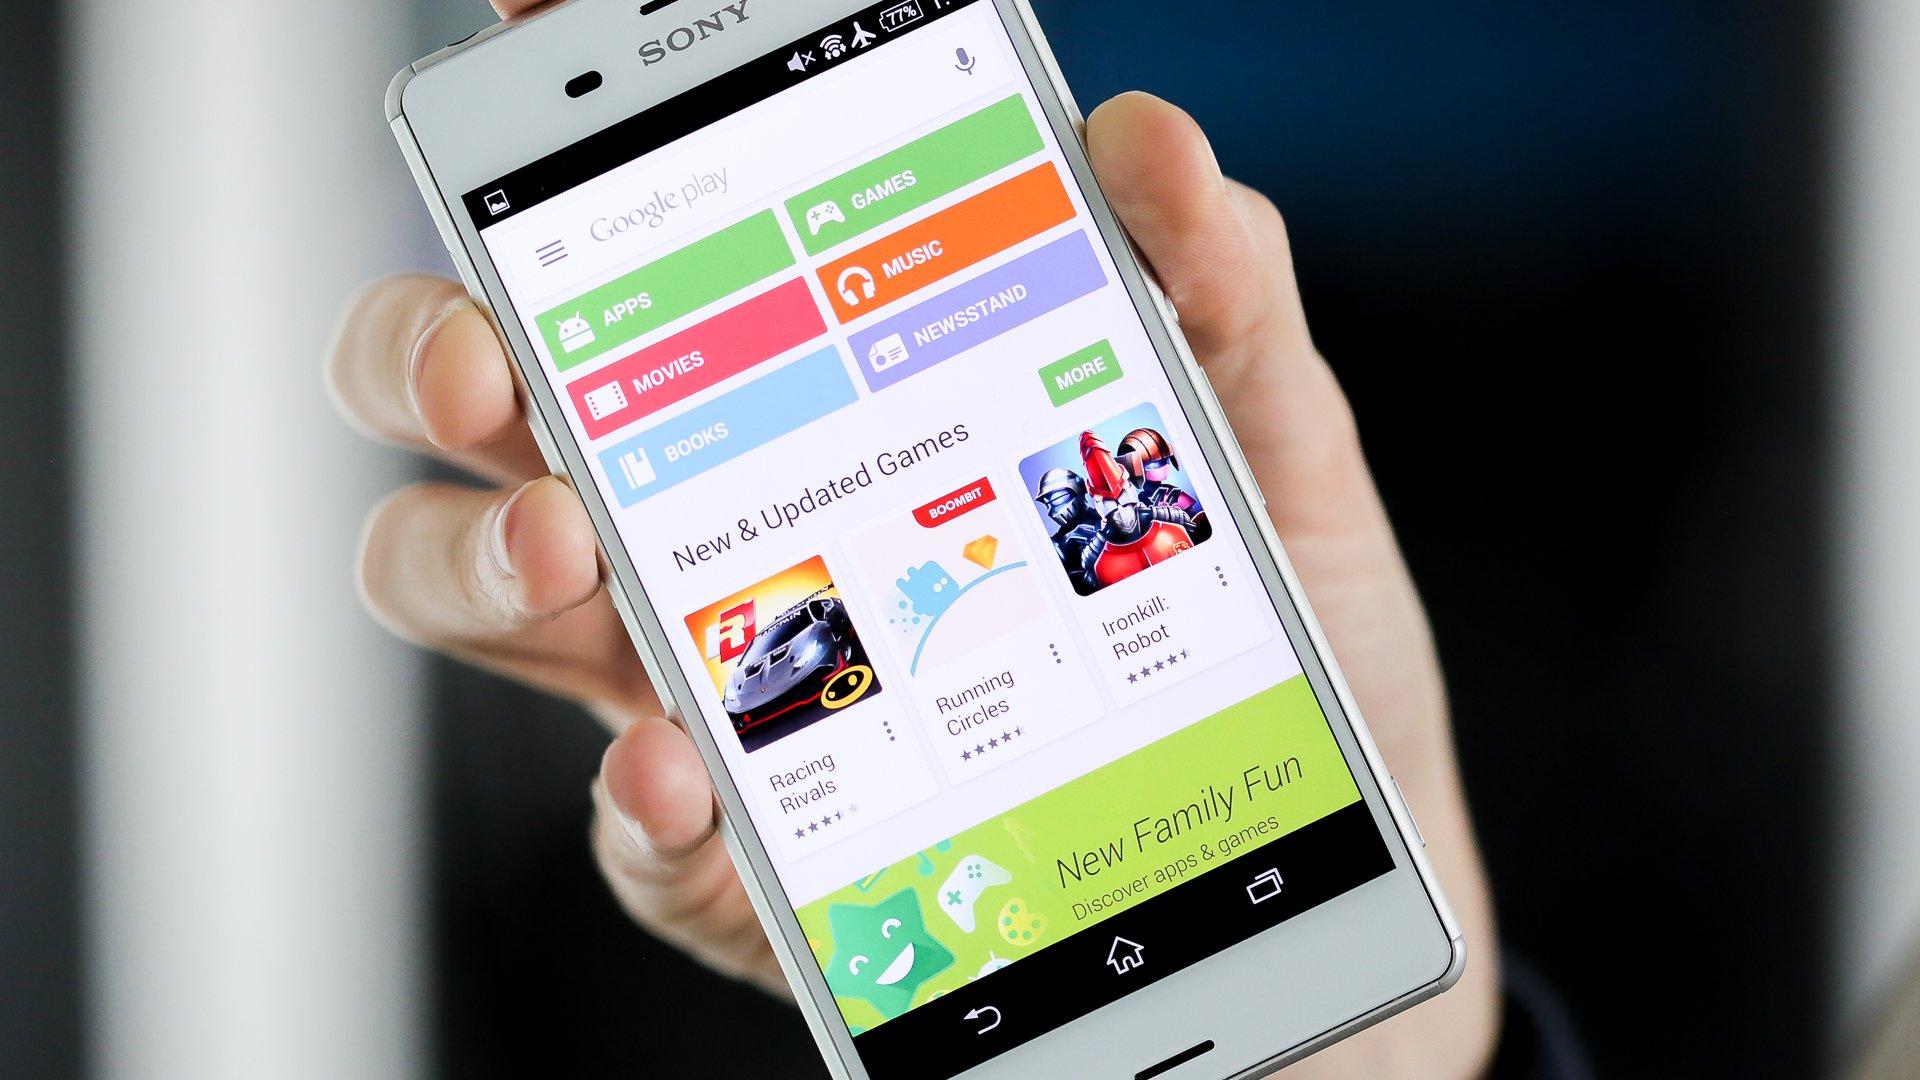 Il Play Store NON funziona? Possibili soluzioni 2